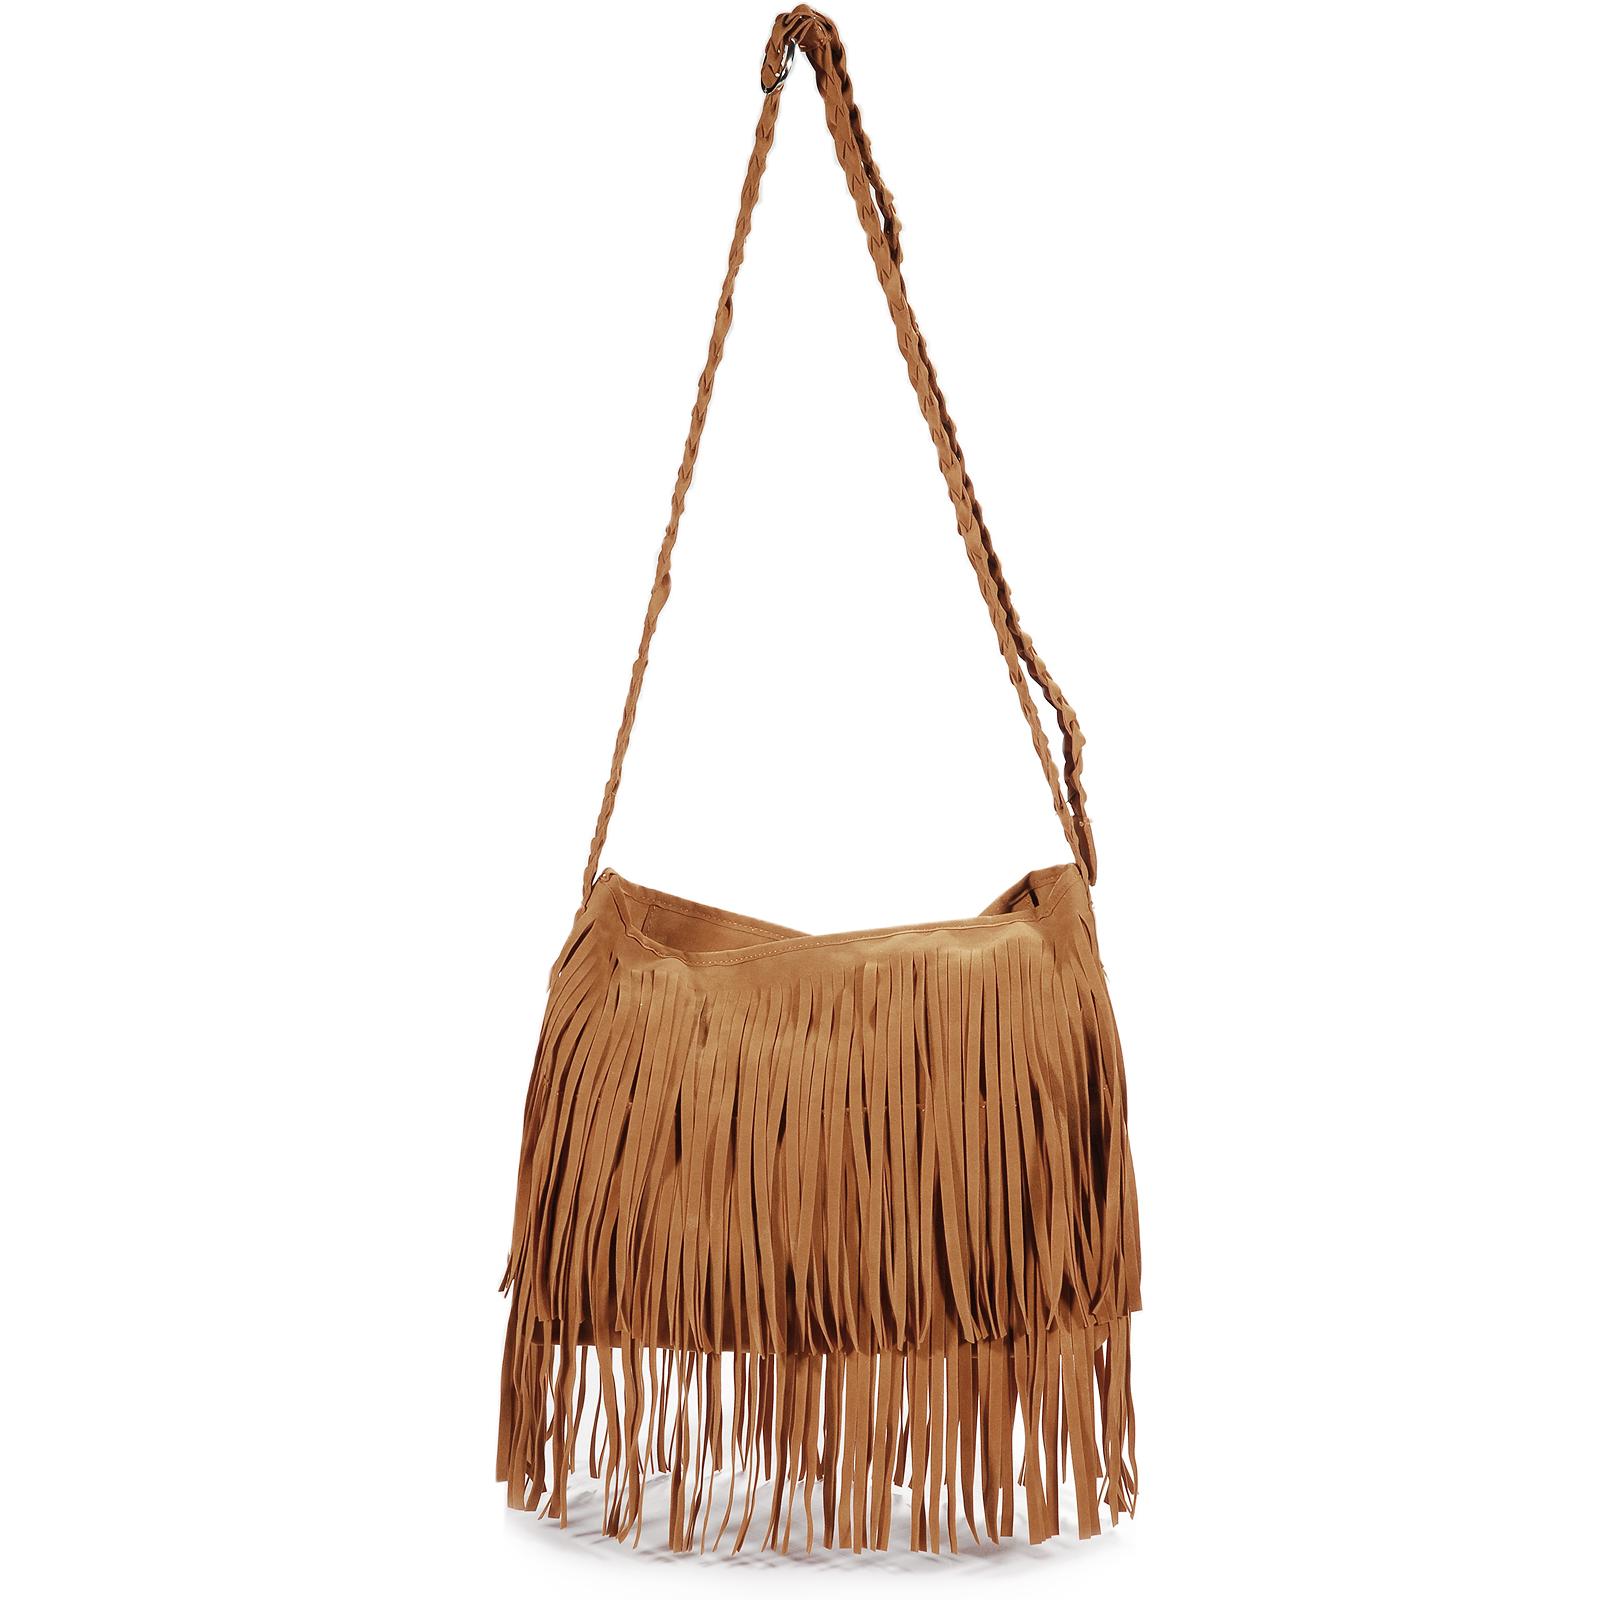 7c72a3ba0b Package: Celebrity Fringe Tassel Faux Suede Shoulder Messenger Bag Handbag  x 1